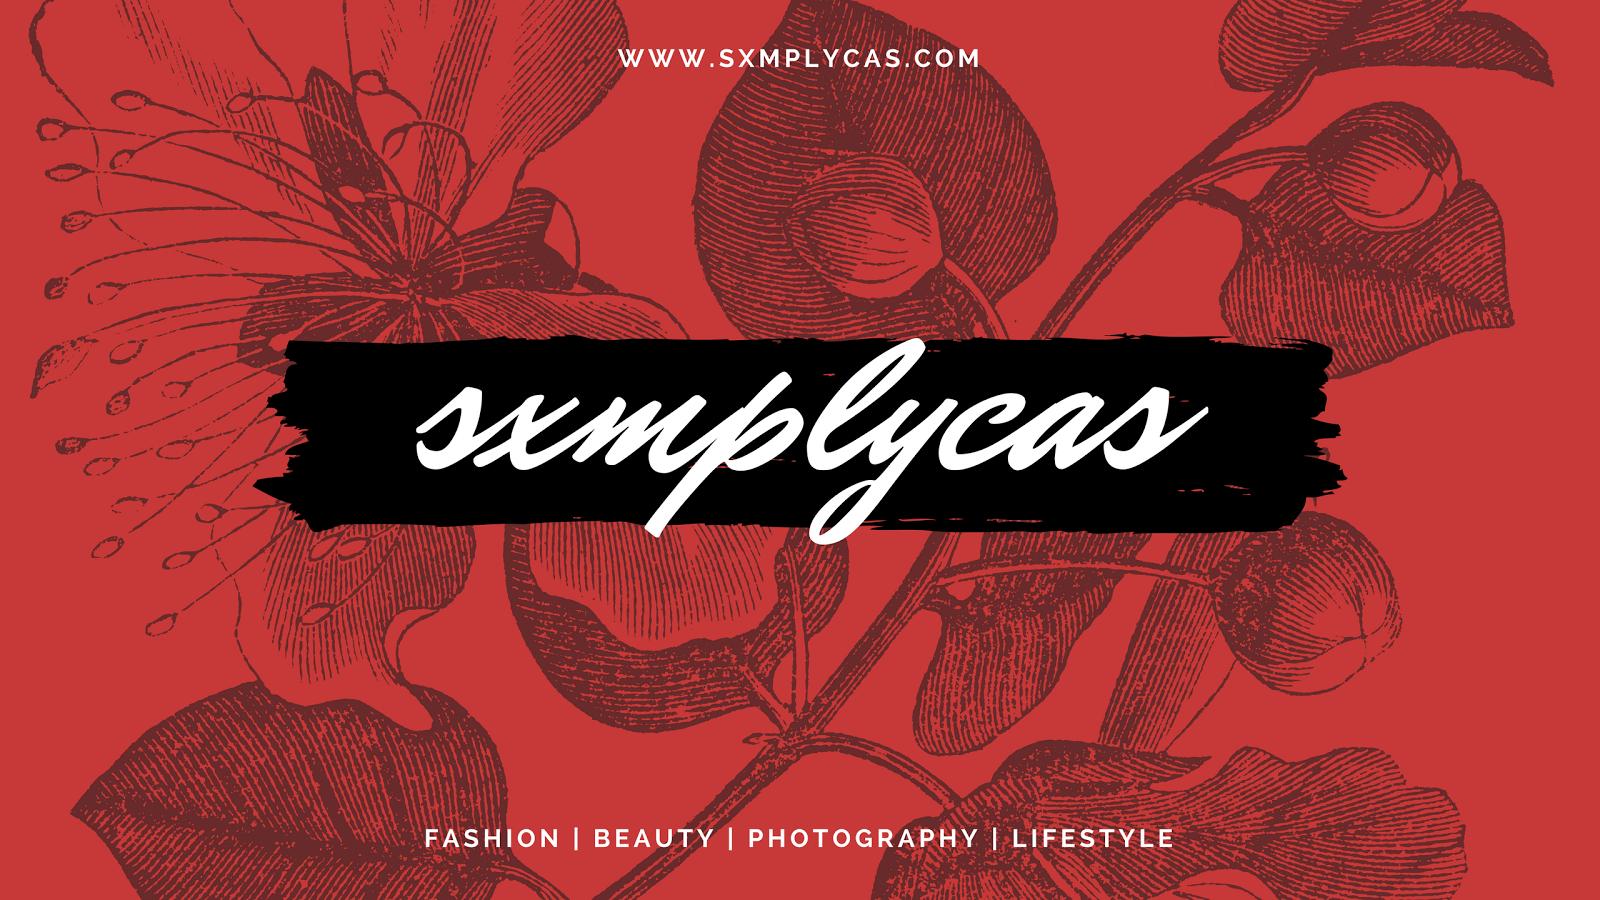 SXMPLYCAS